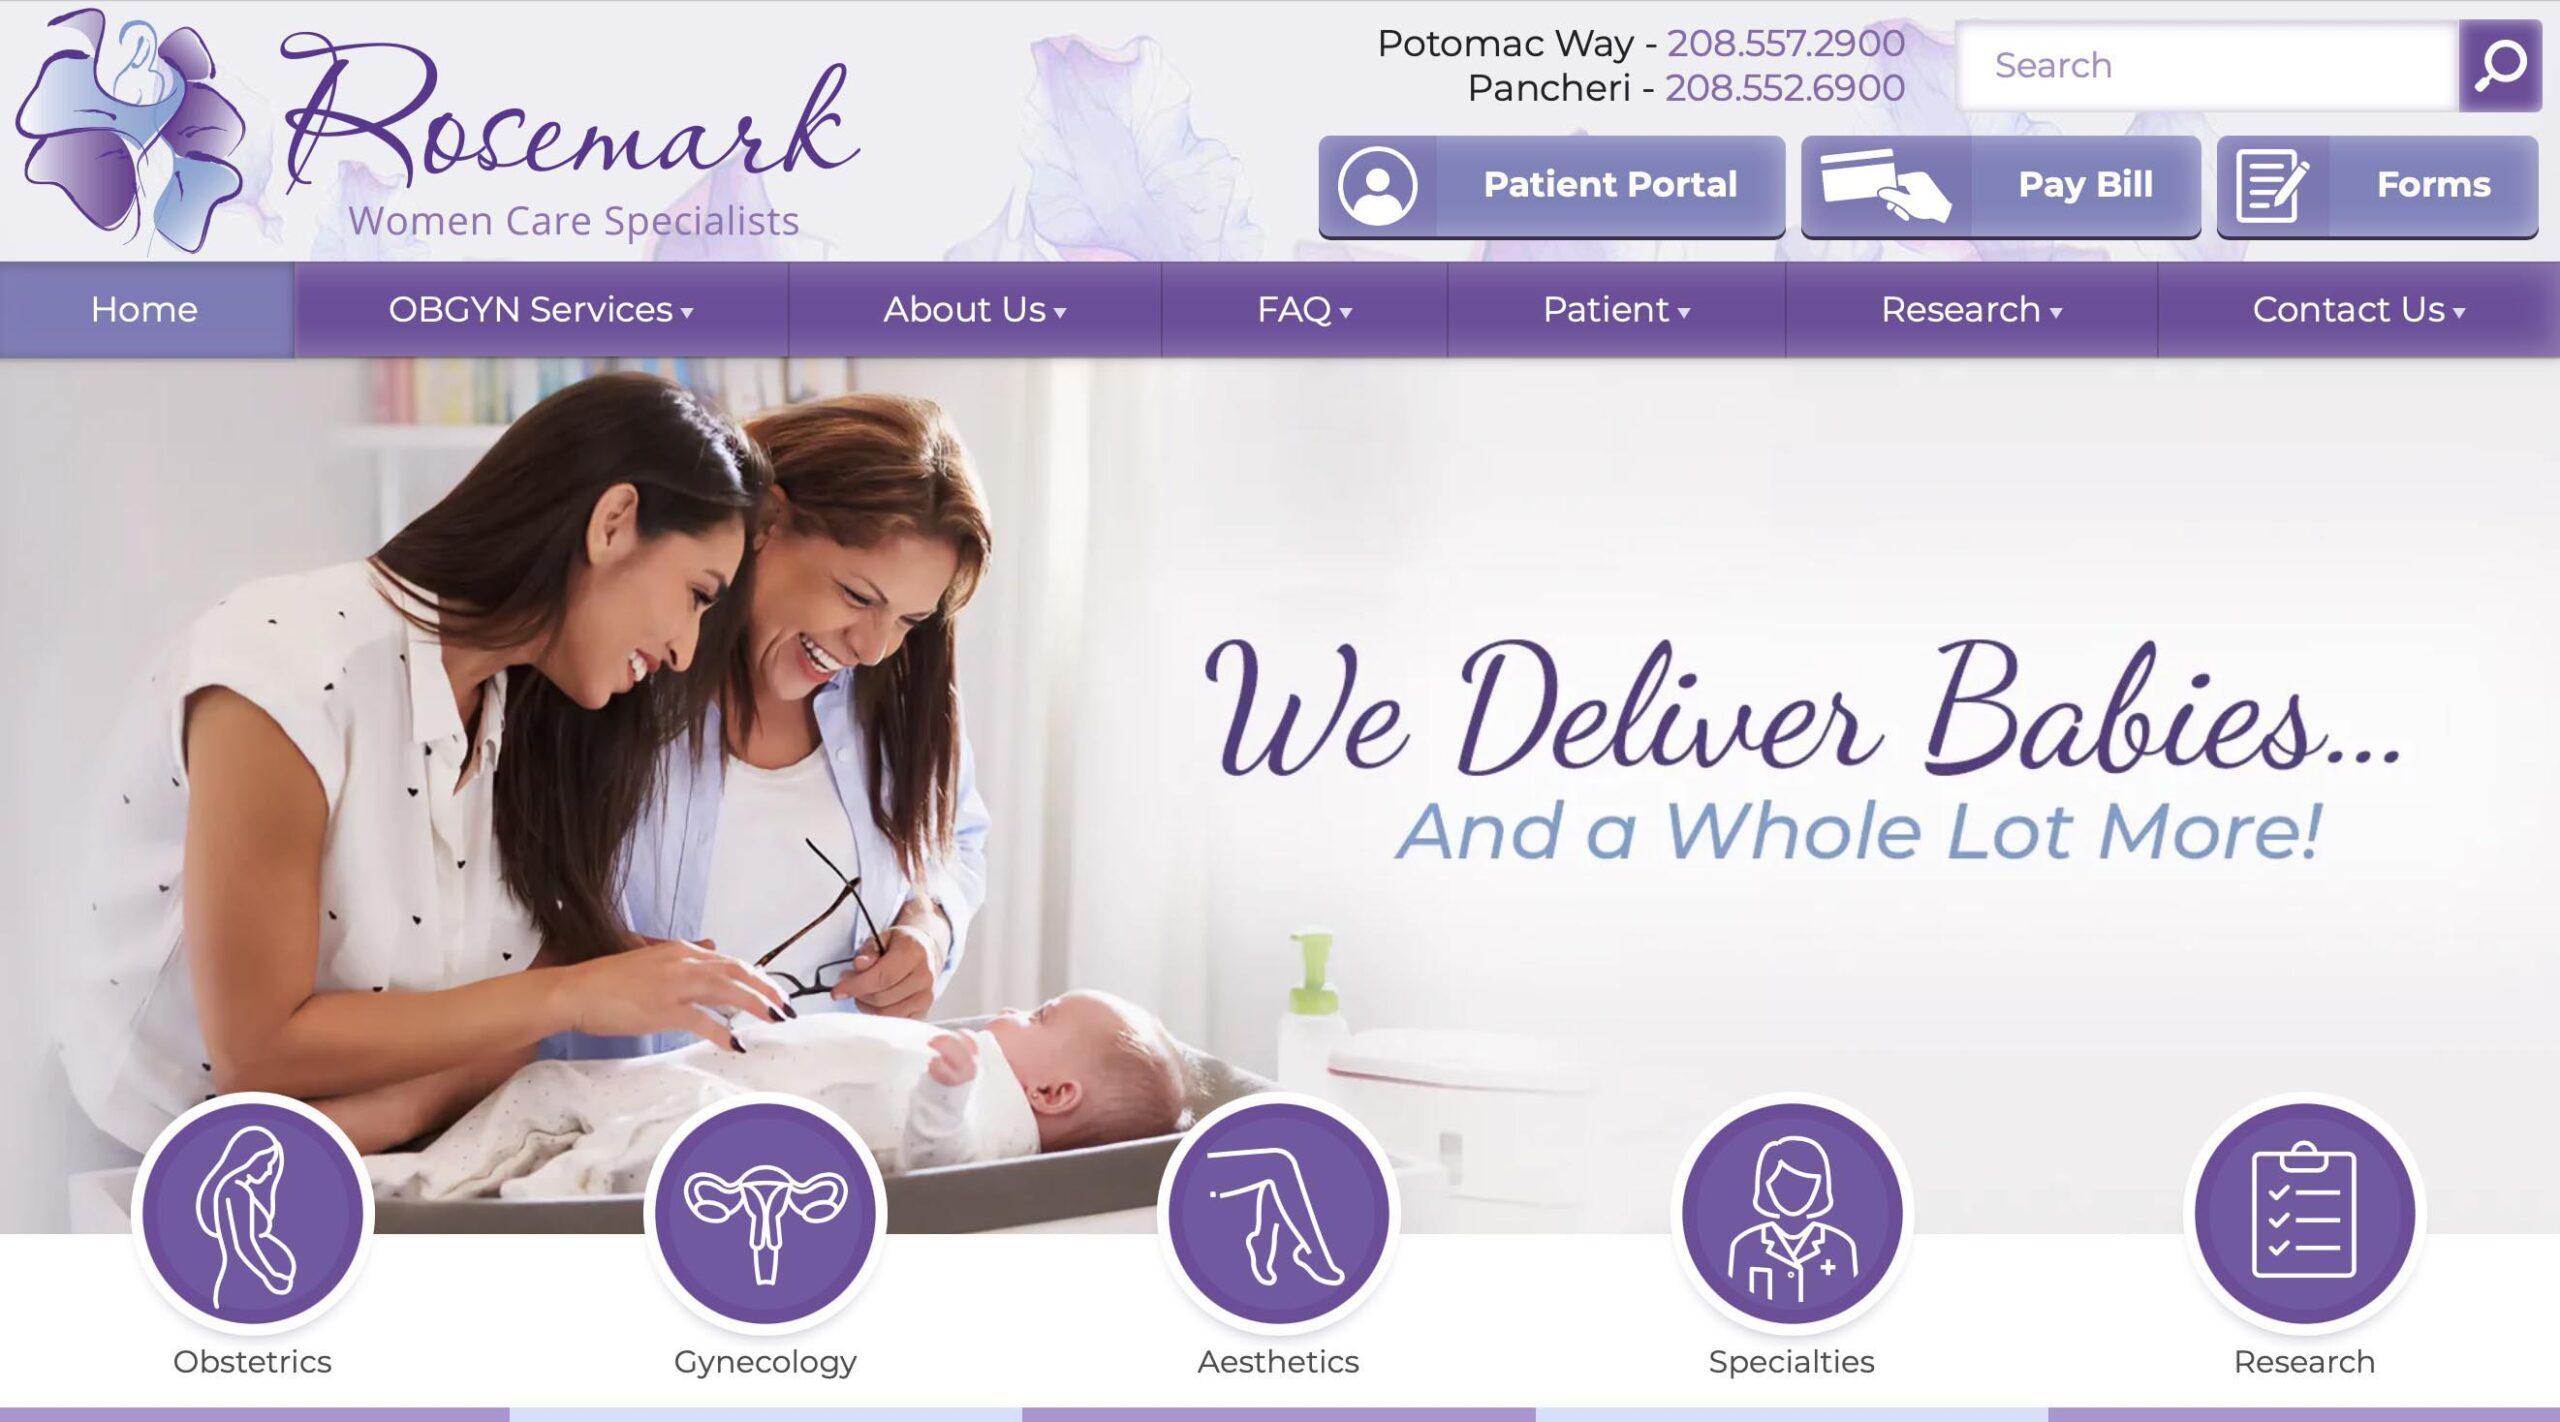 Marketing consultant - website developer project for Rosemark